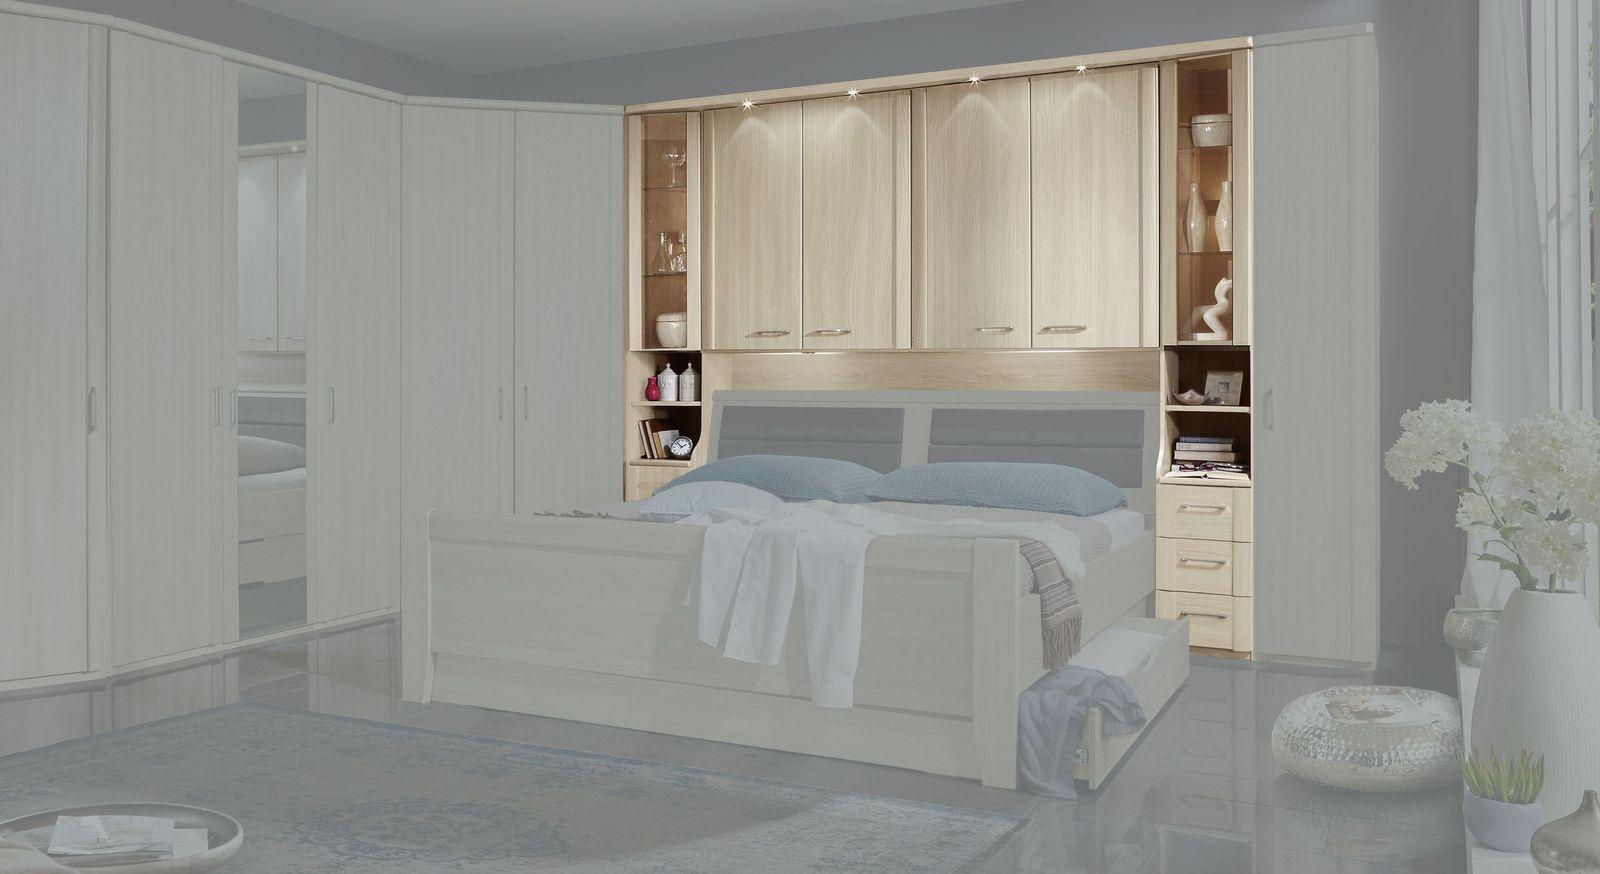 Full Size of überbau Schlafzimmer Modern Bettbrcke Mit Kranzleiste Fr Berbau Palena Led Deckenleuchte Weißes Moderne Duschen Set Günstig Truhe Stuhl Für Günstige Wohnzimmer überbau Schlafzimmer Modern